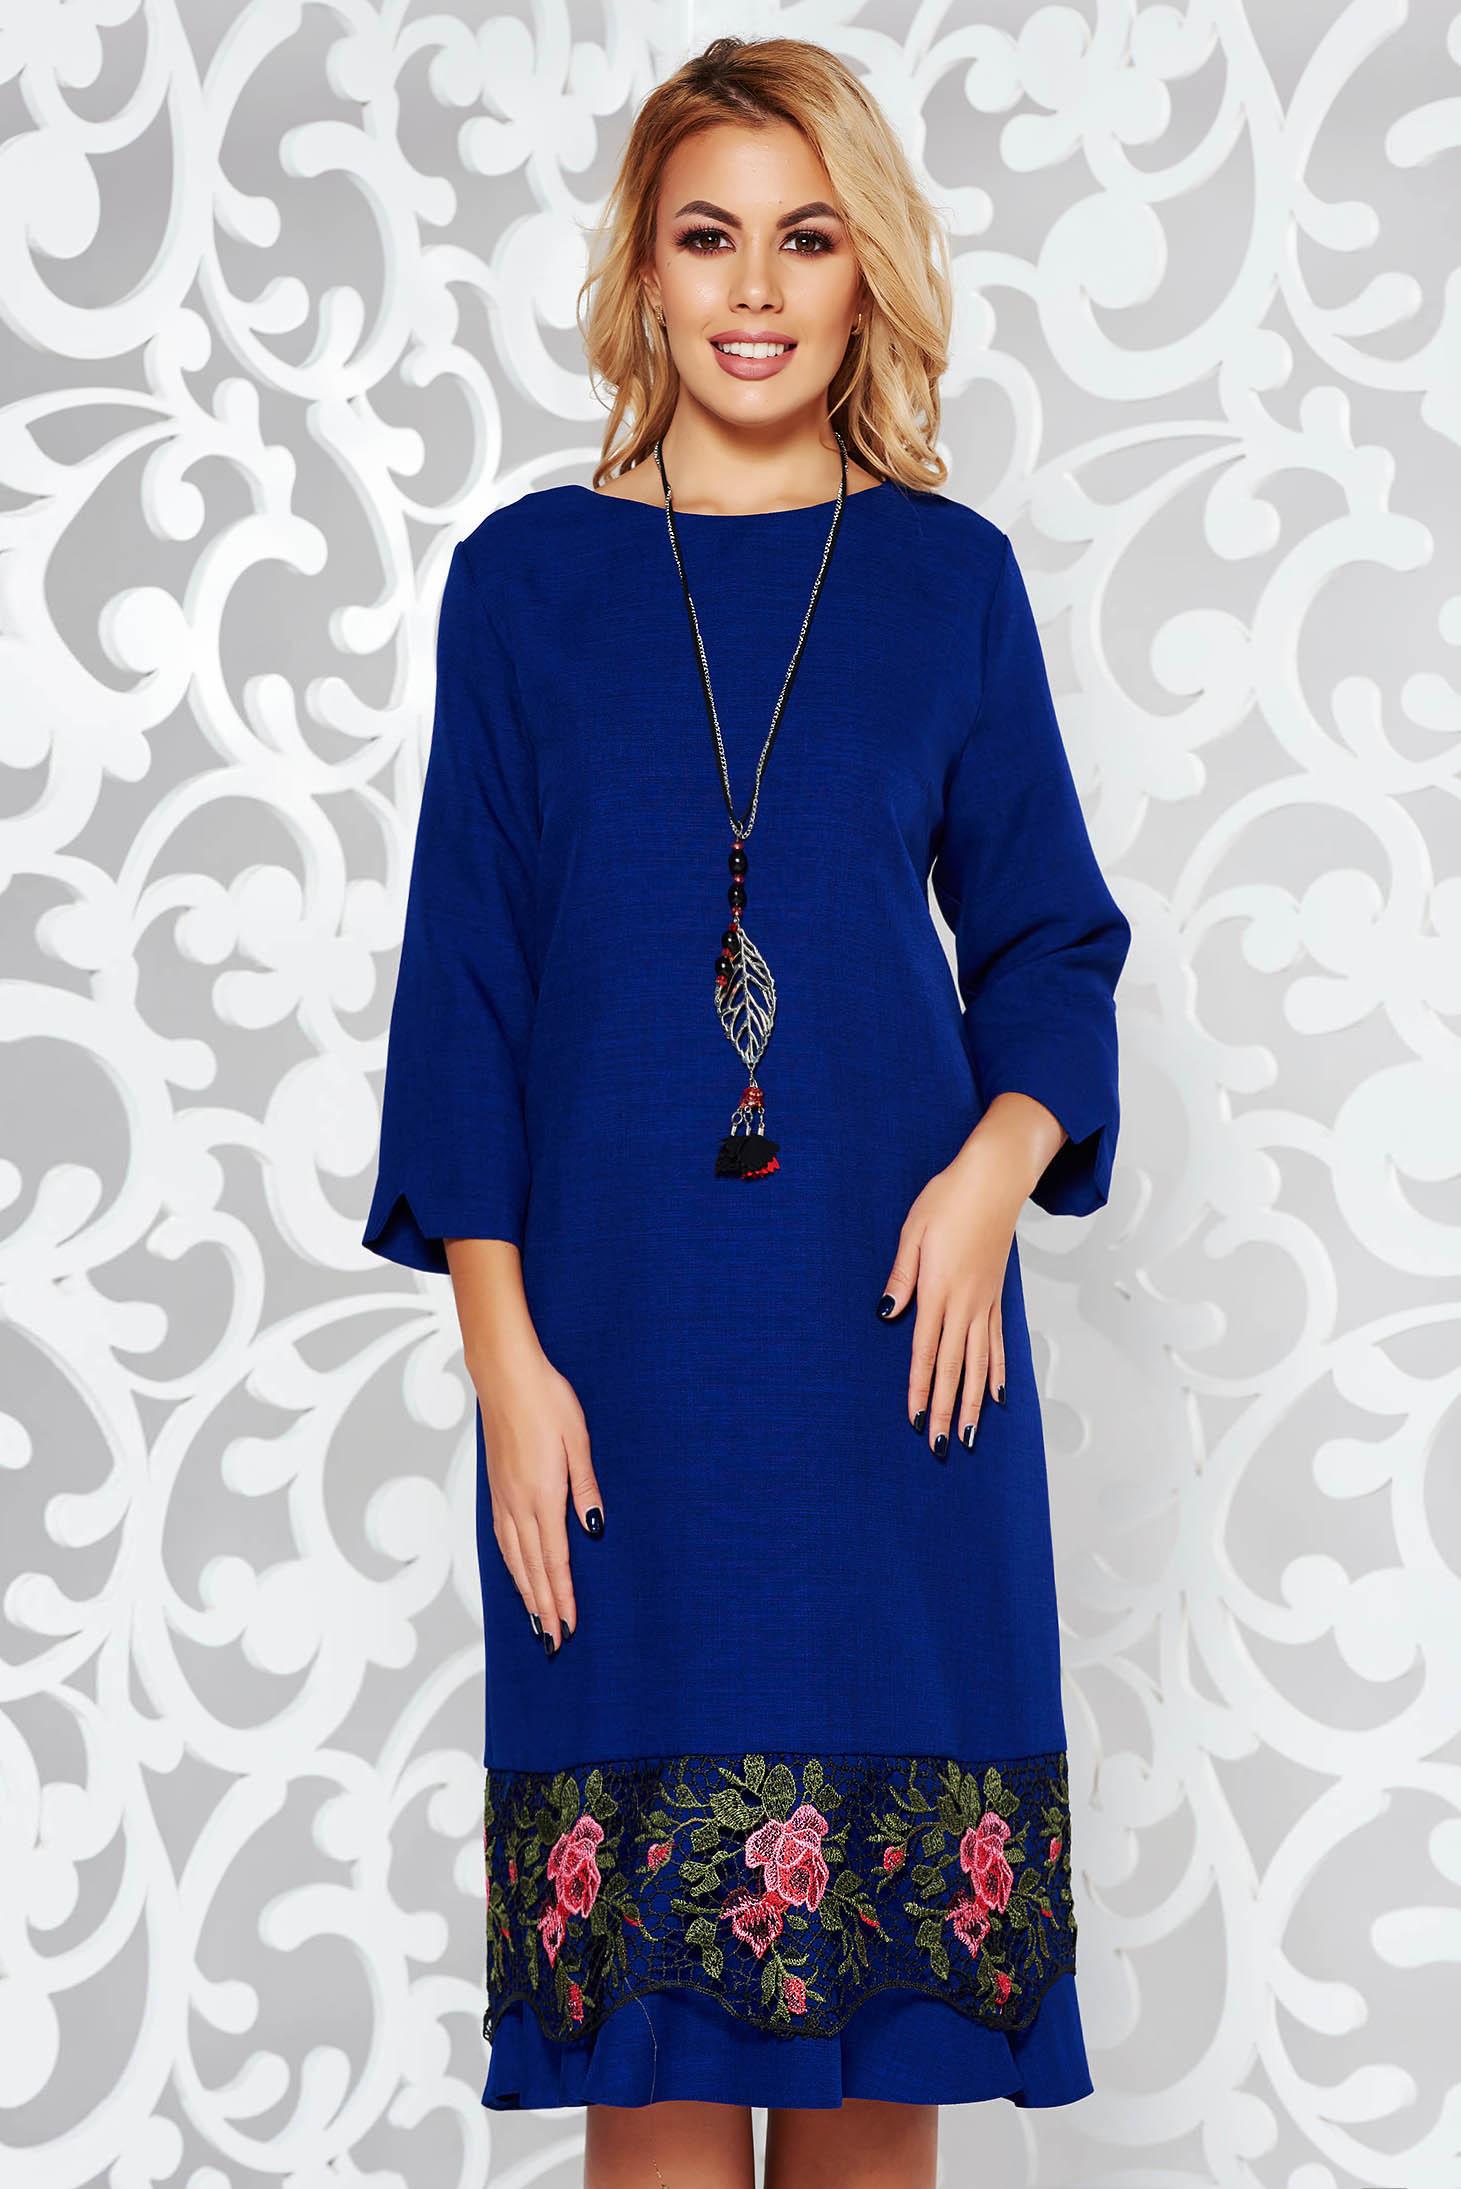 Kék ruha elegáns bő szabású enyhén elasztikus szövet csipke díszítéssel lánccal